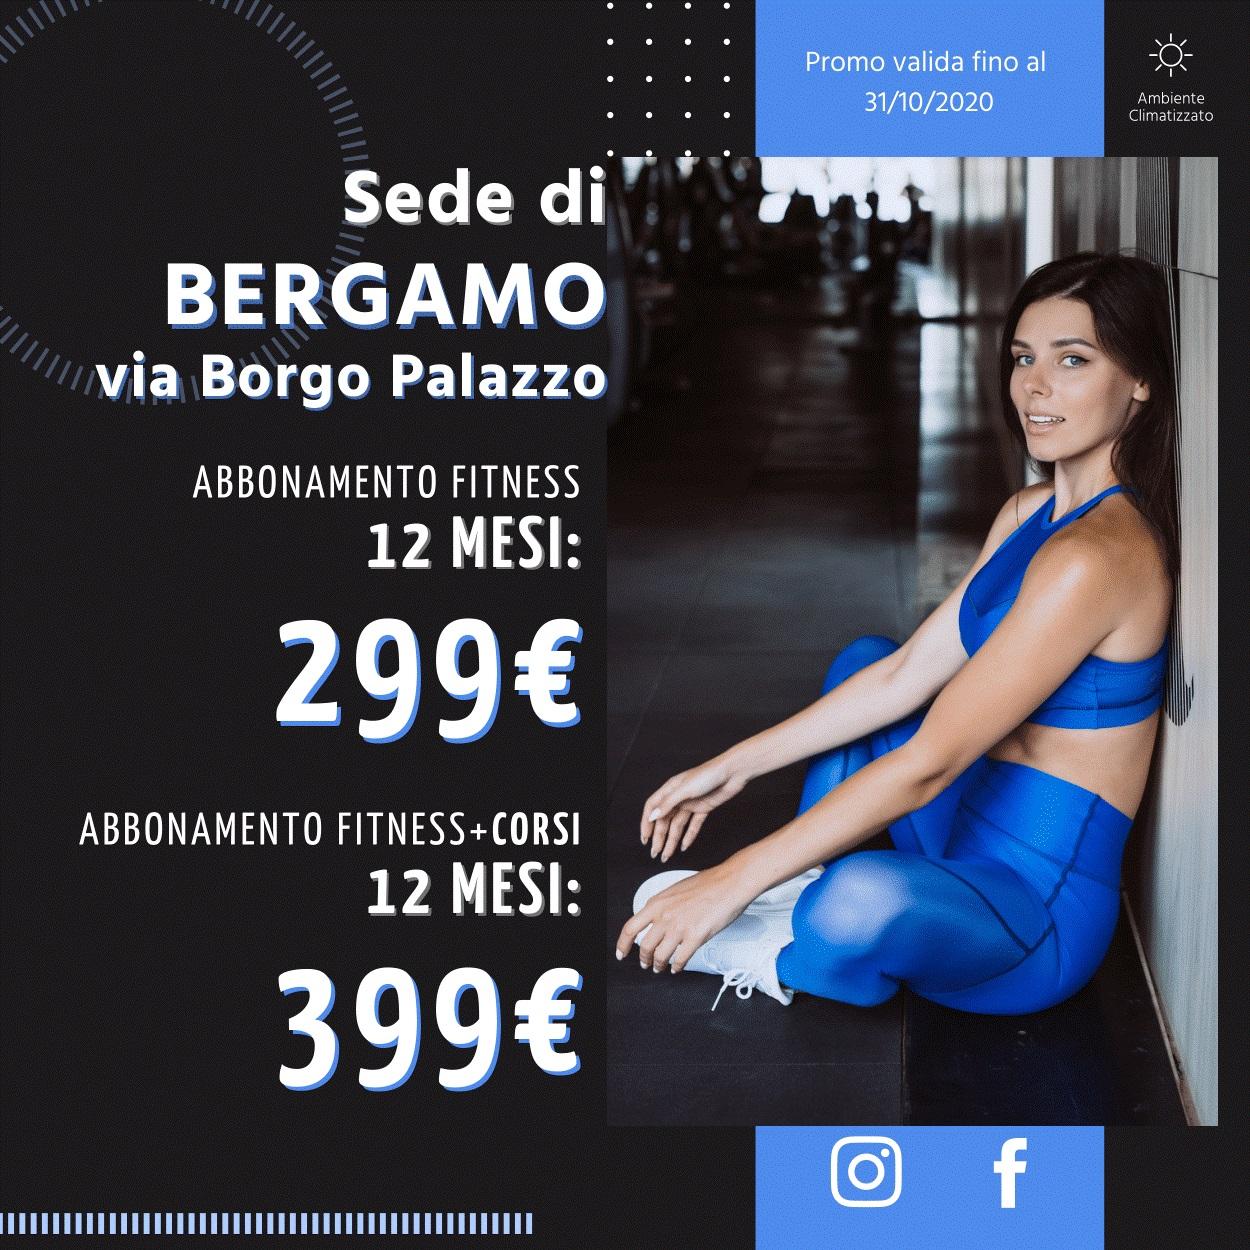 FIT624 Bergamo promo ottobre 2020 Borgo Mobile